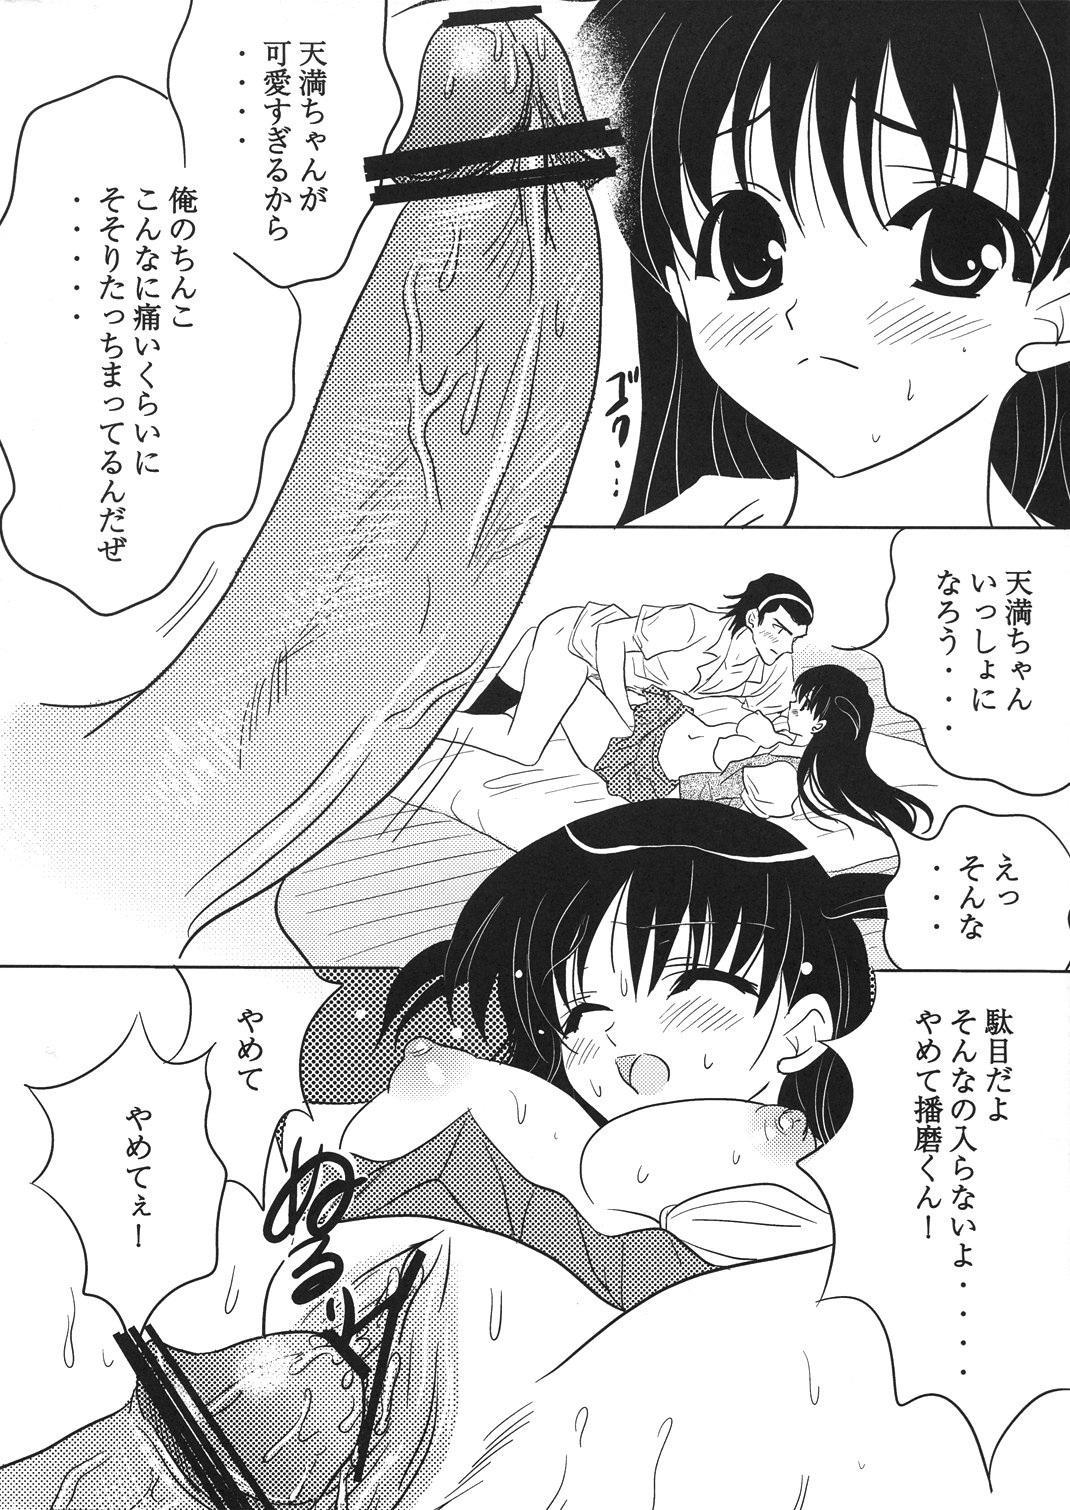 Tenmanchan Kimi no Koto ga Suki nanda 17